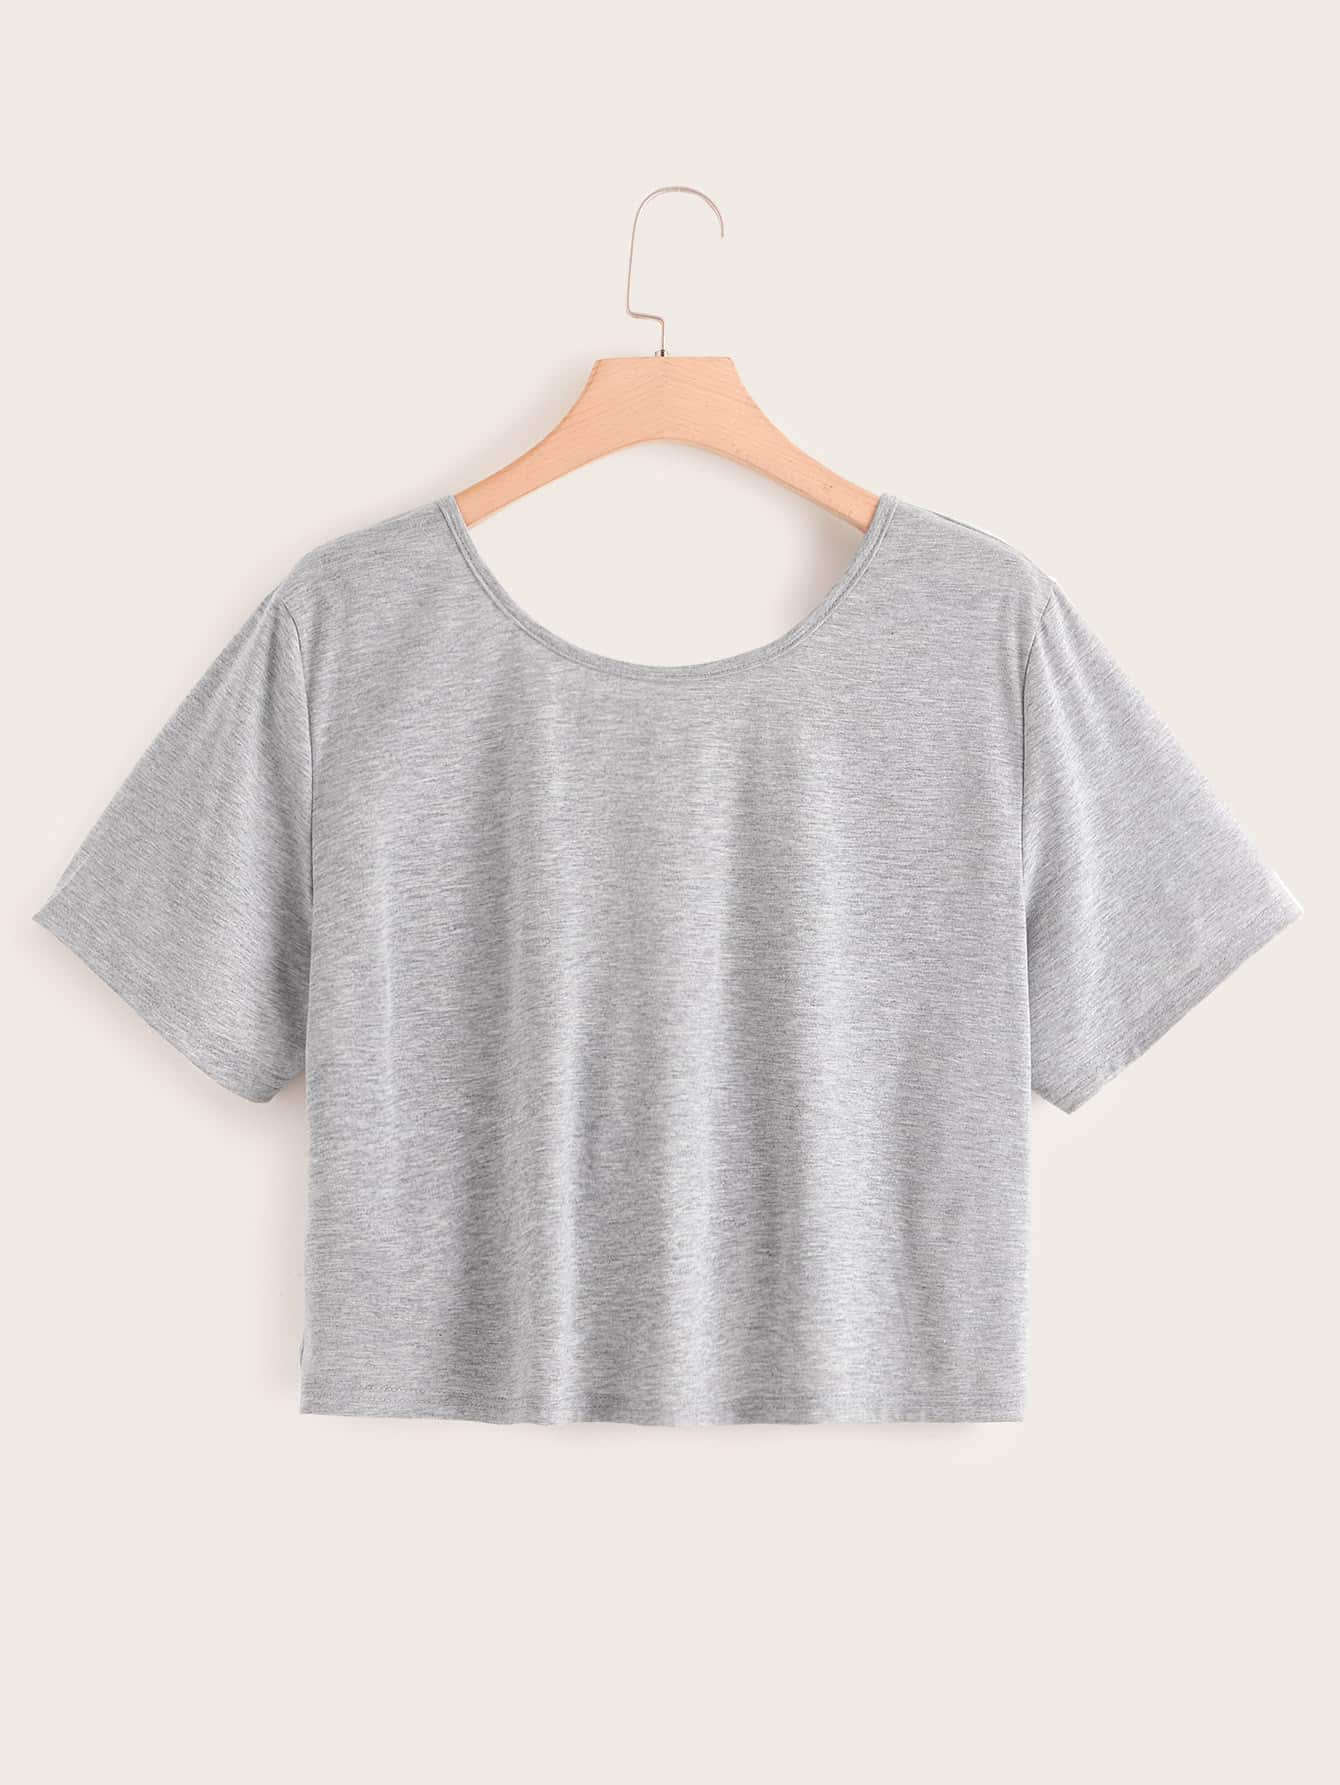 Фото - Однотонная футболка размера плюс с драпировкой от SheIn цвет серые